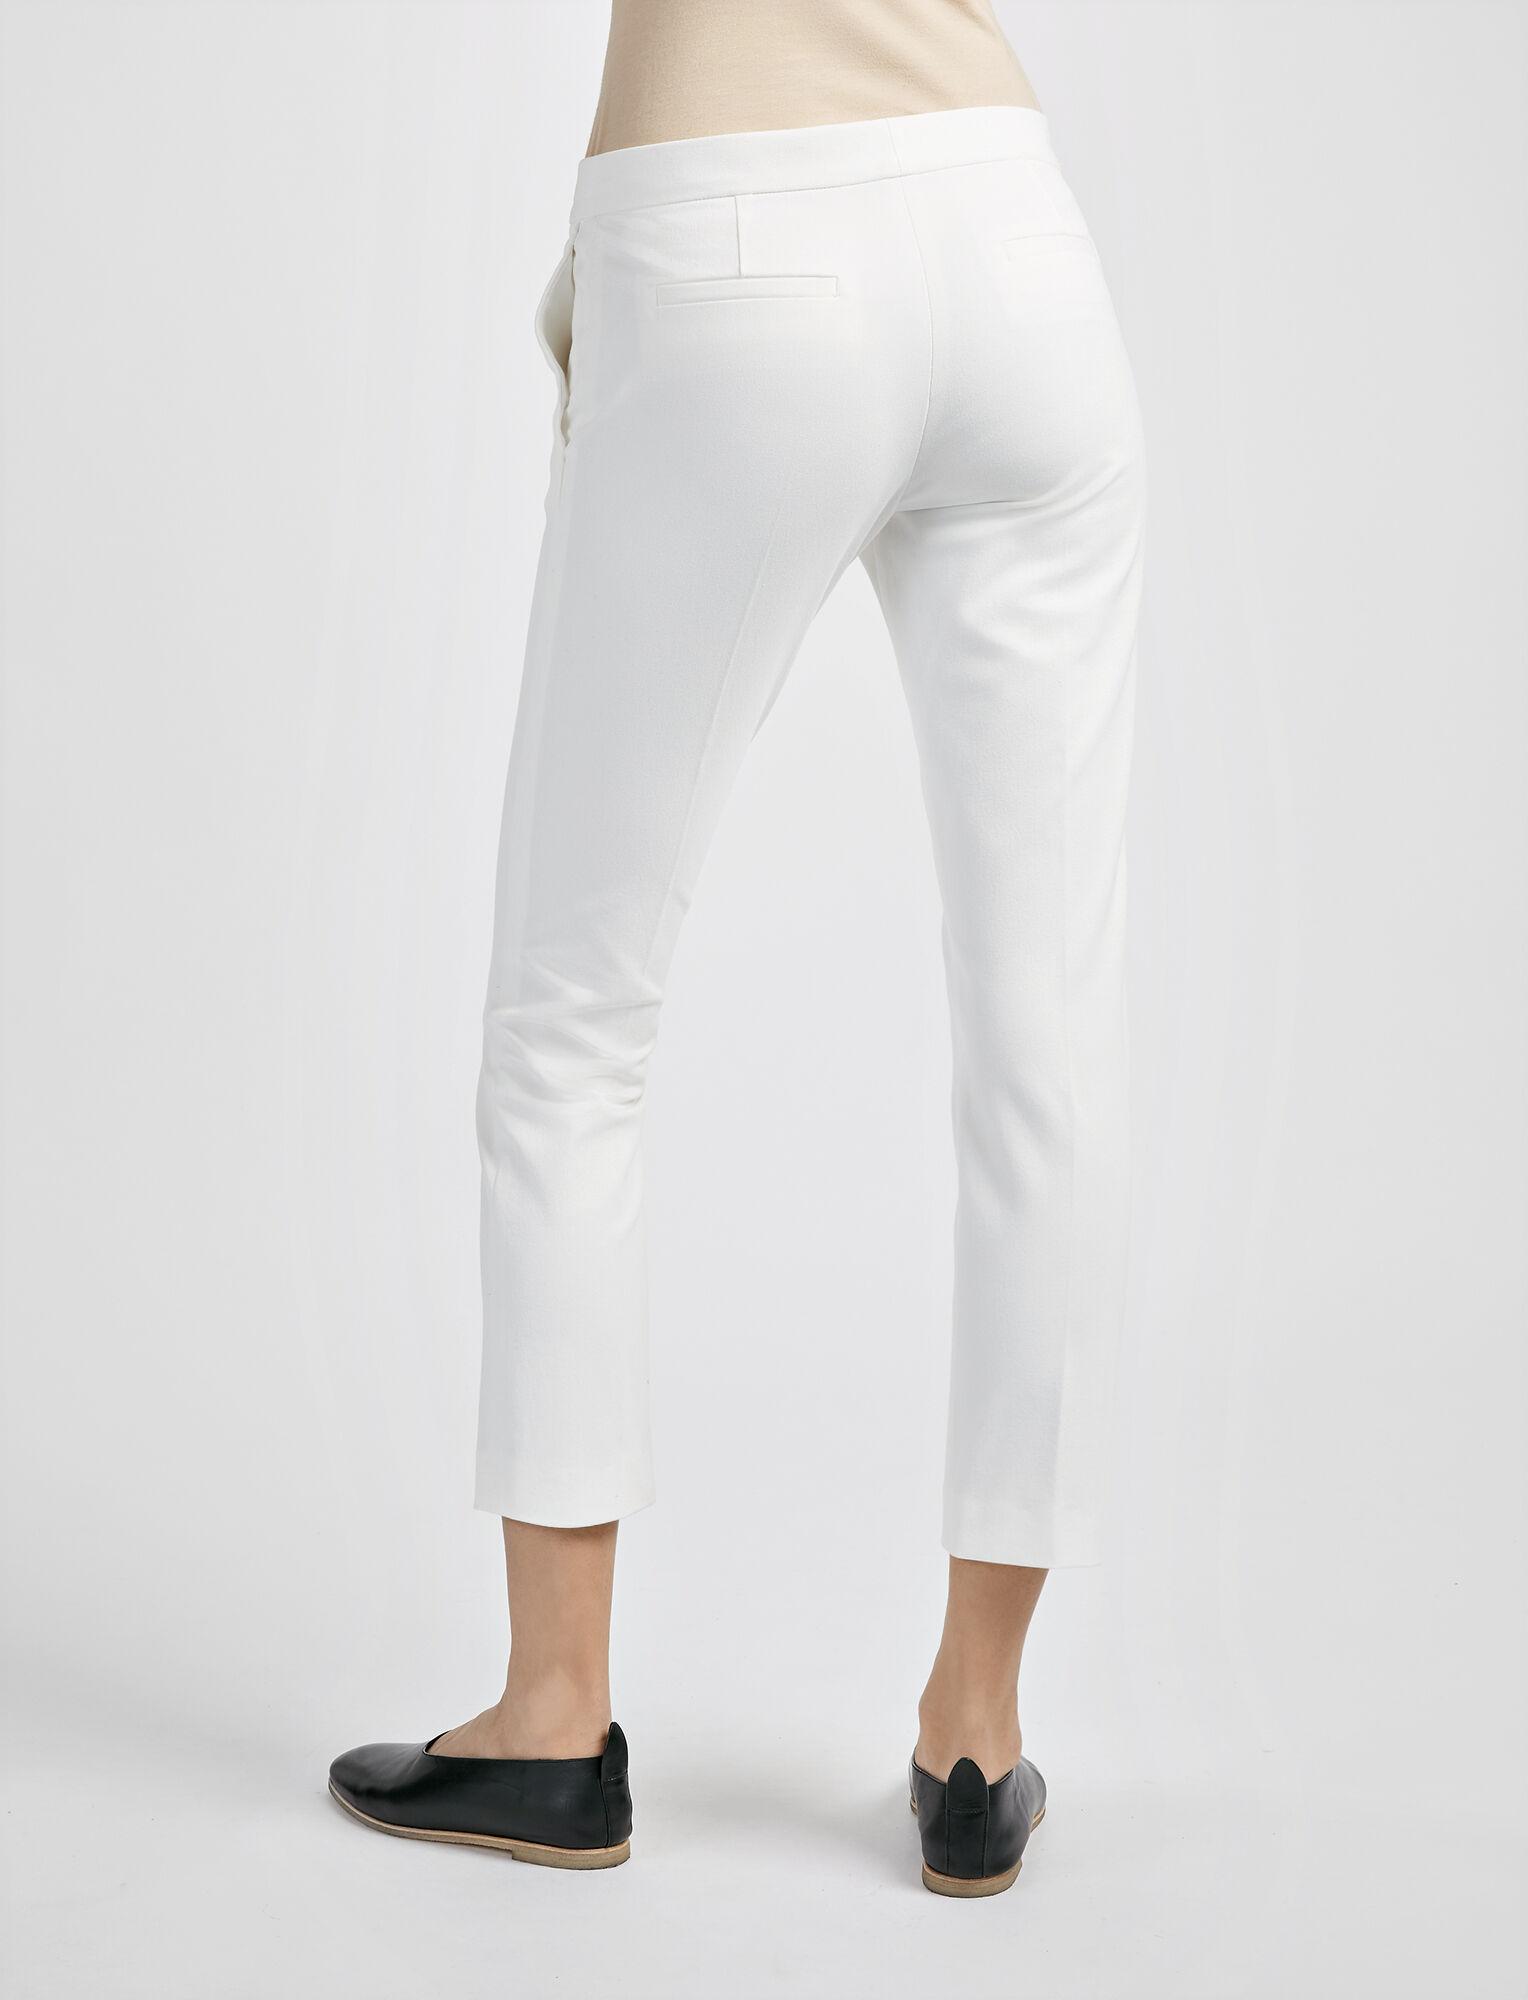 Pantalon Finley en gabardine stretch, in OFF WHITE, large | on Joseph